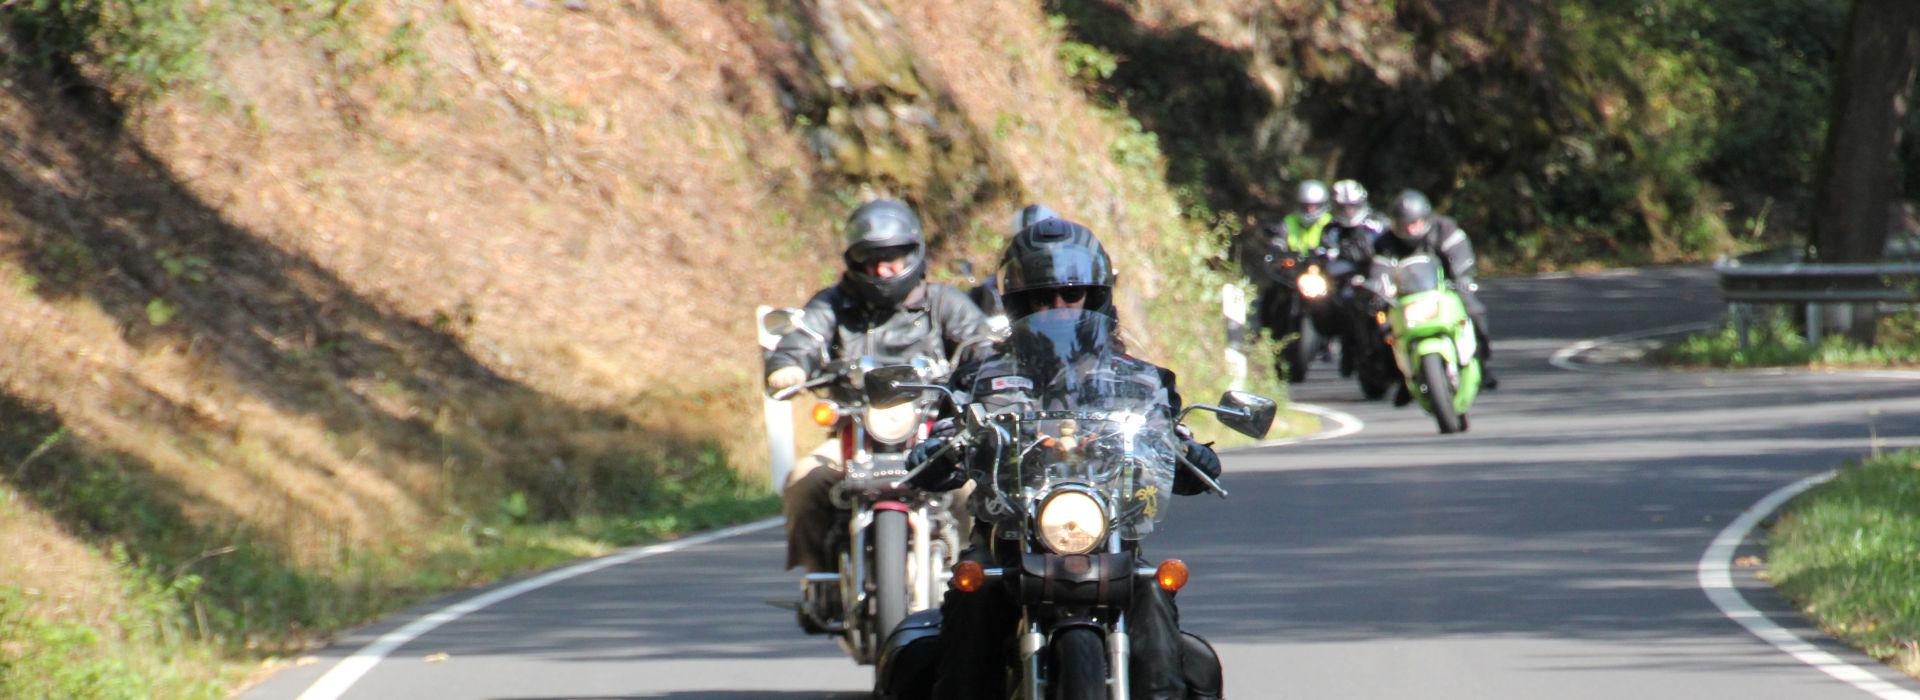 Motorrijbewijspoint Vaassen spoed motorrijbewijs